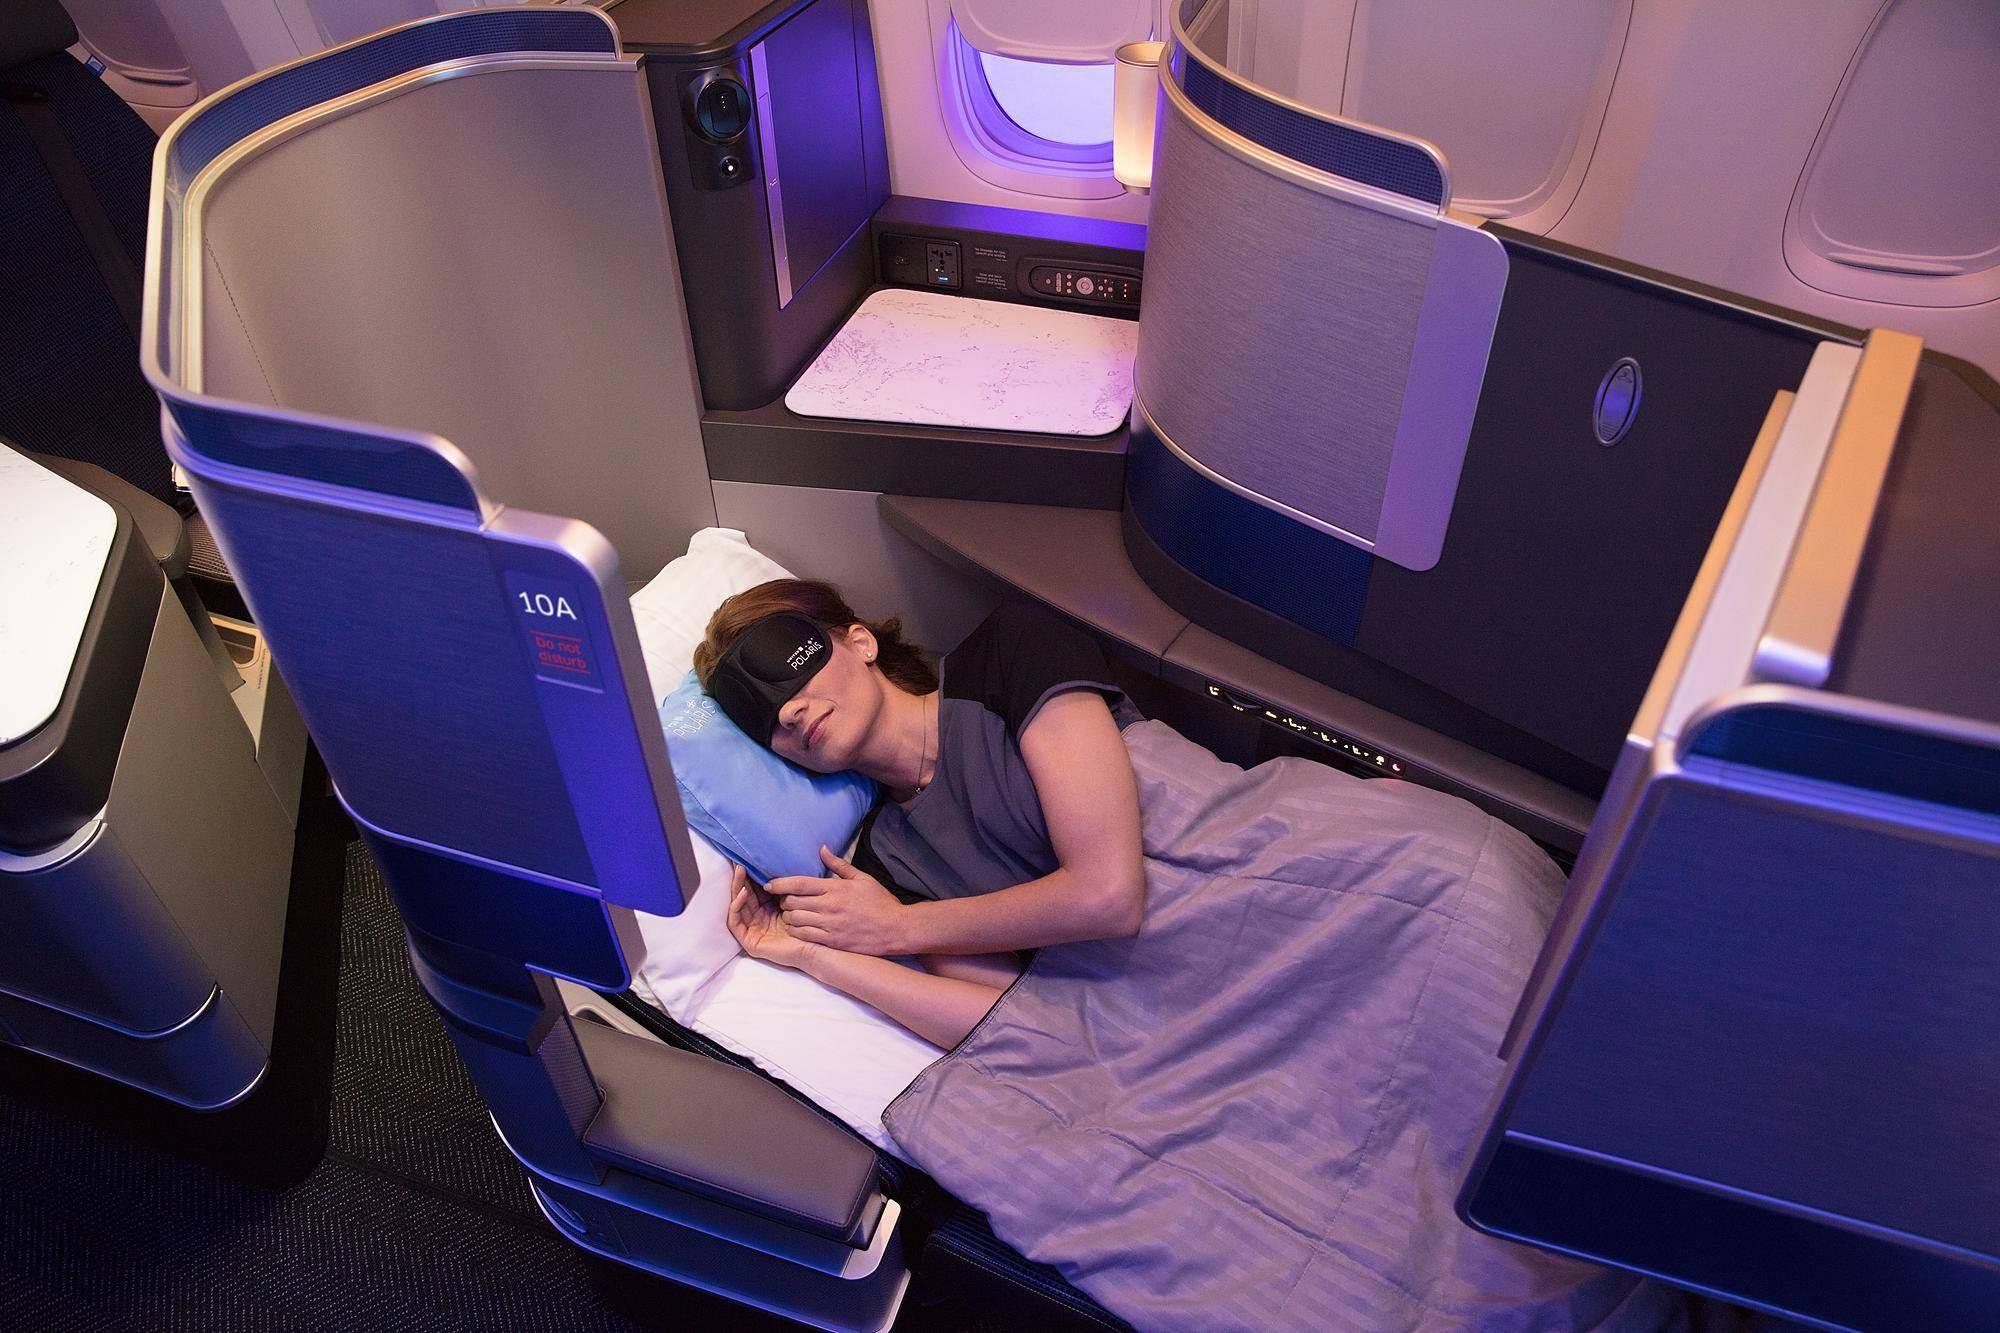 United Airlines Polaris Retrofits